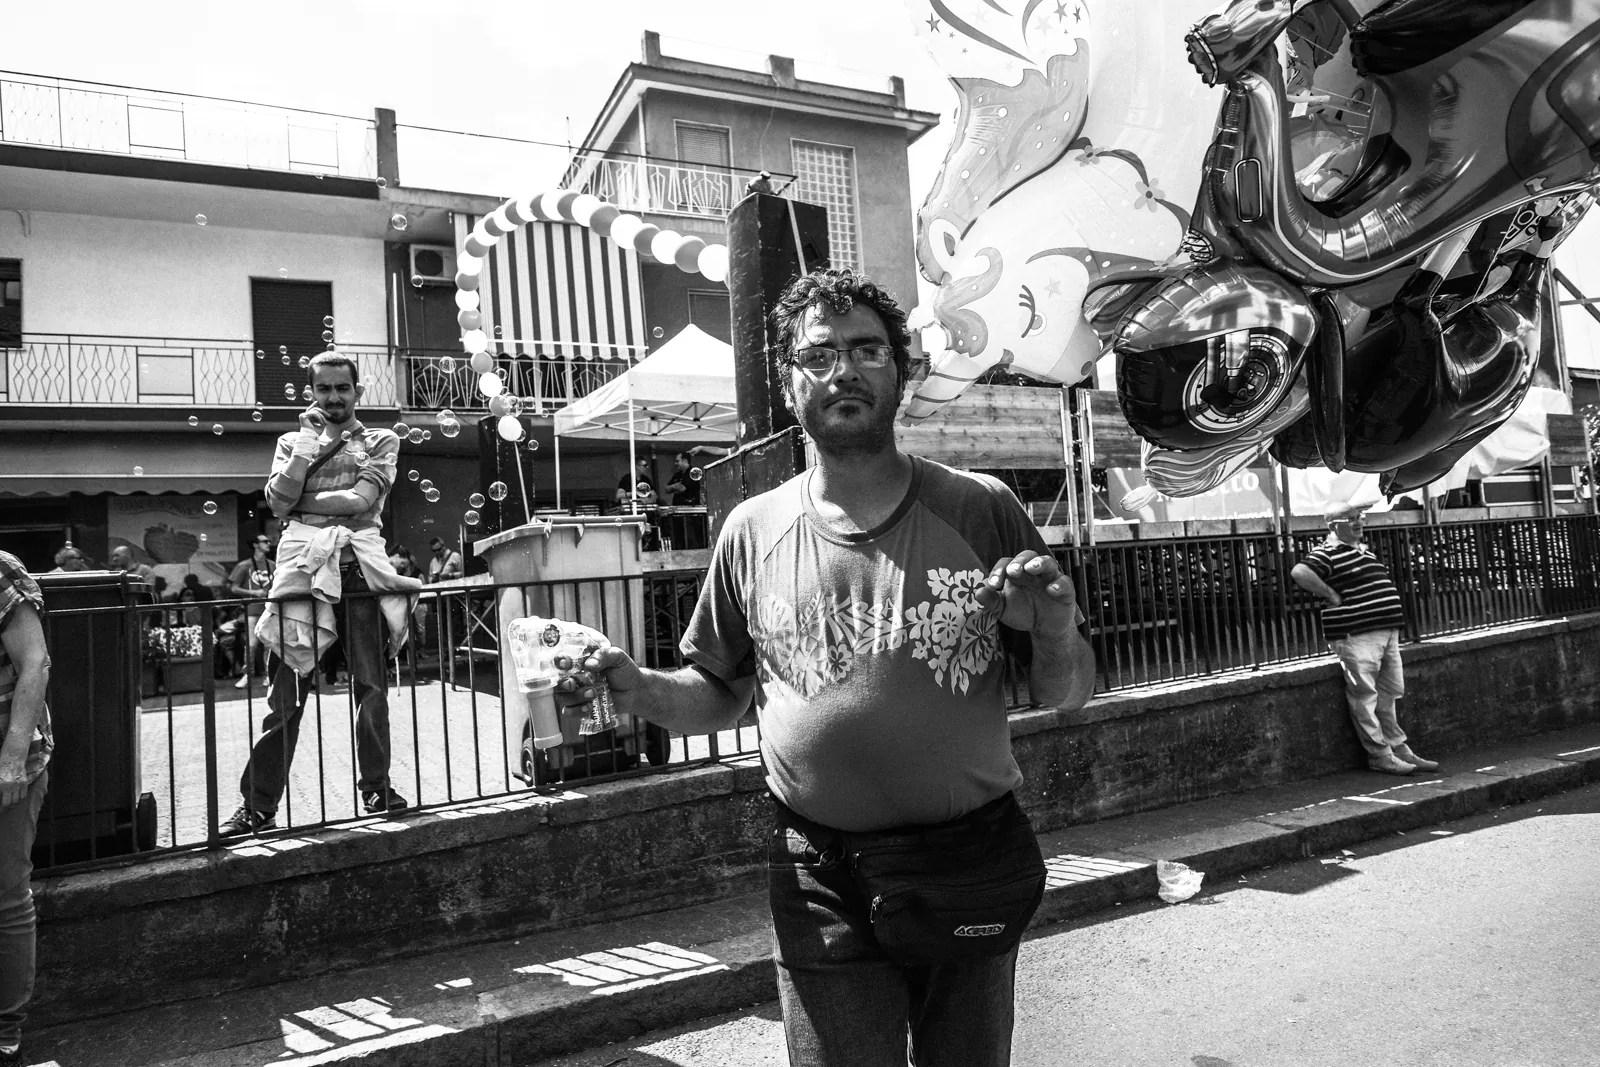 DSCF0679 - Un Giorno di festa - Sagra a Maletto [Street Photography] - fotostreet.it